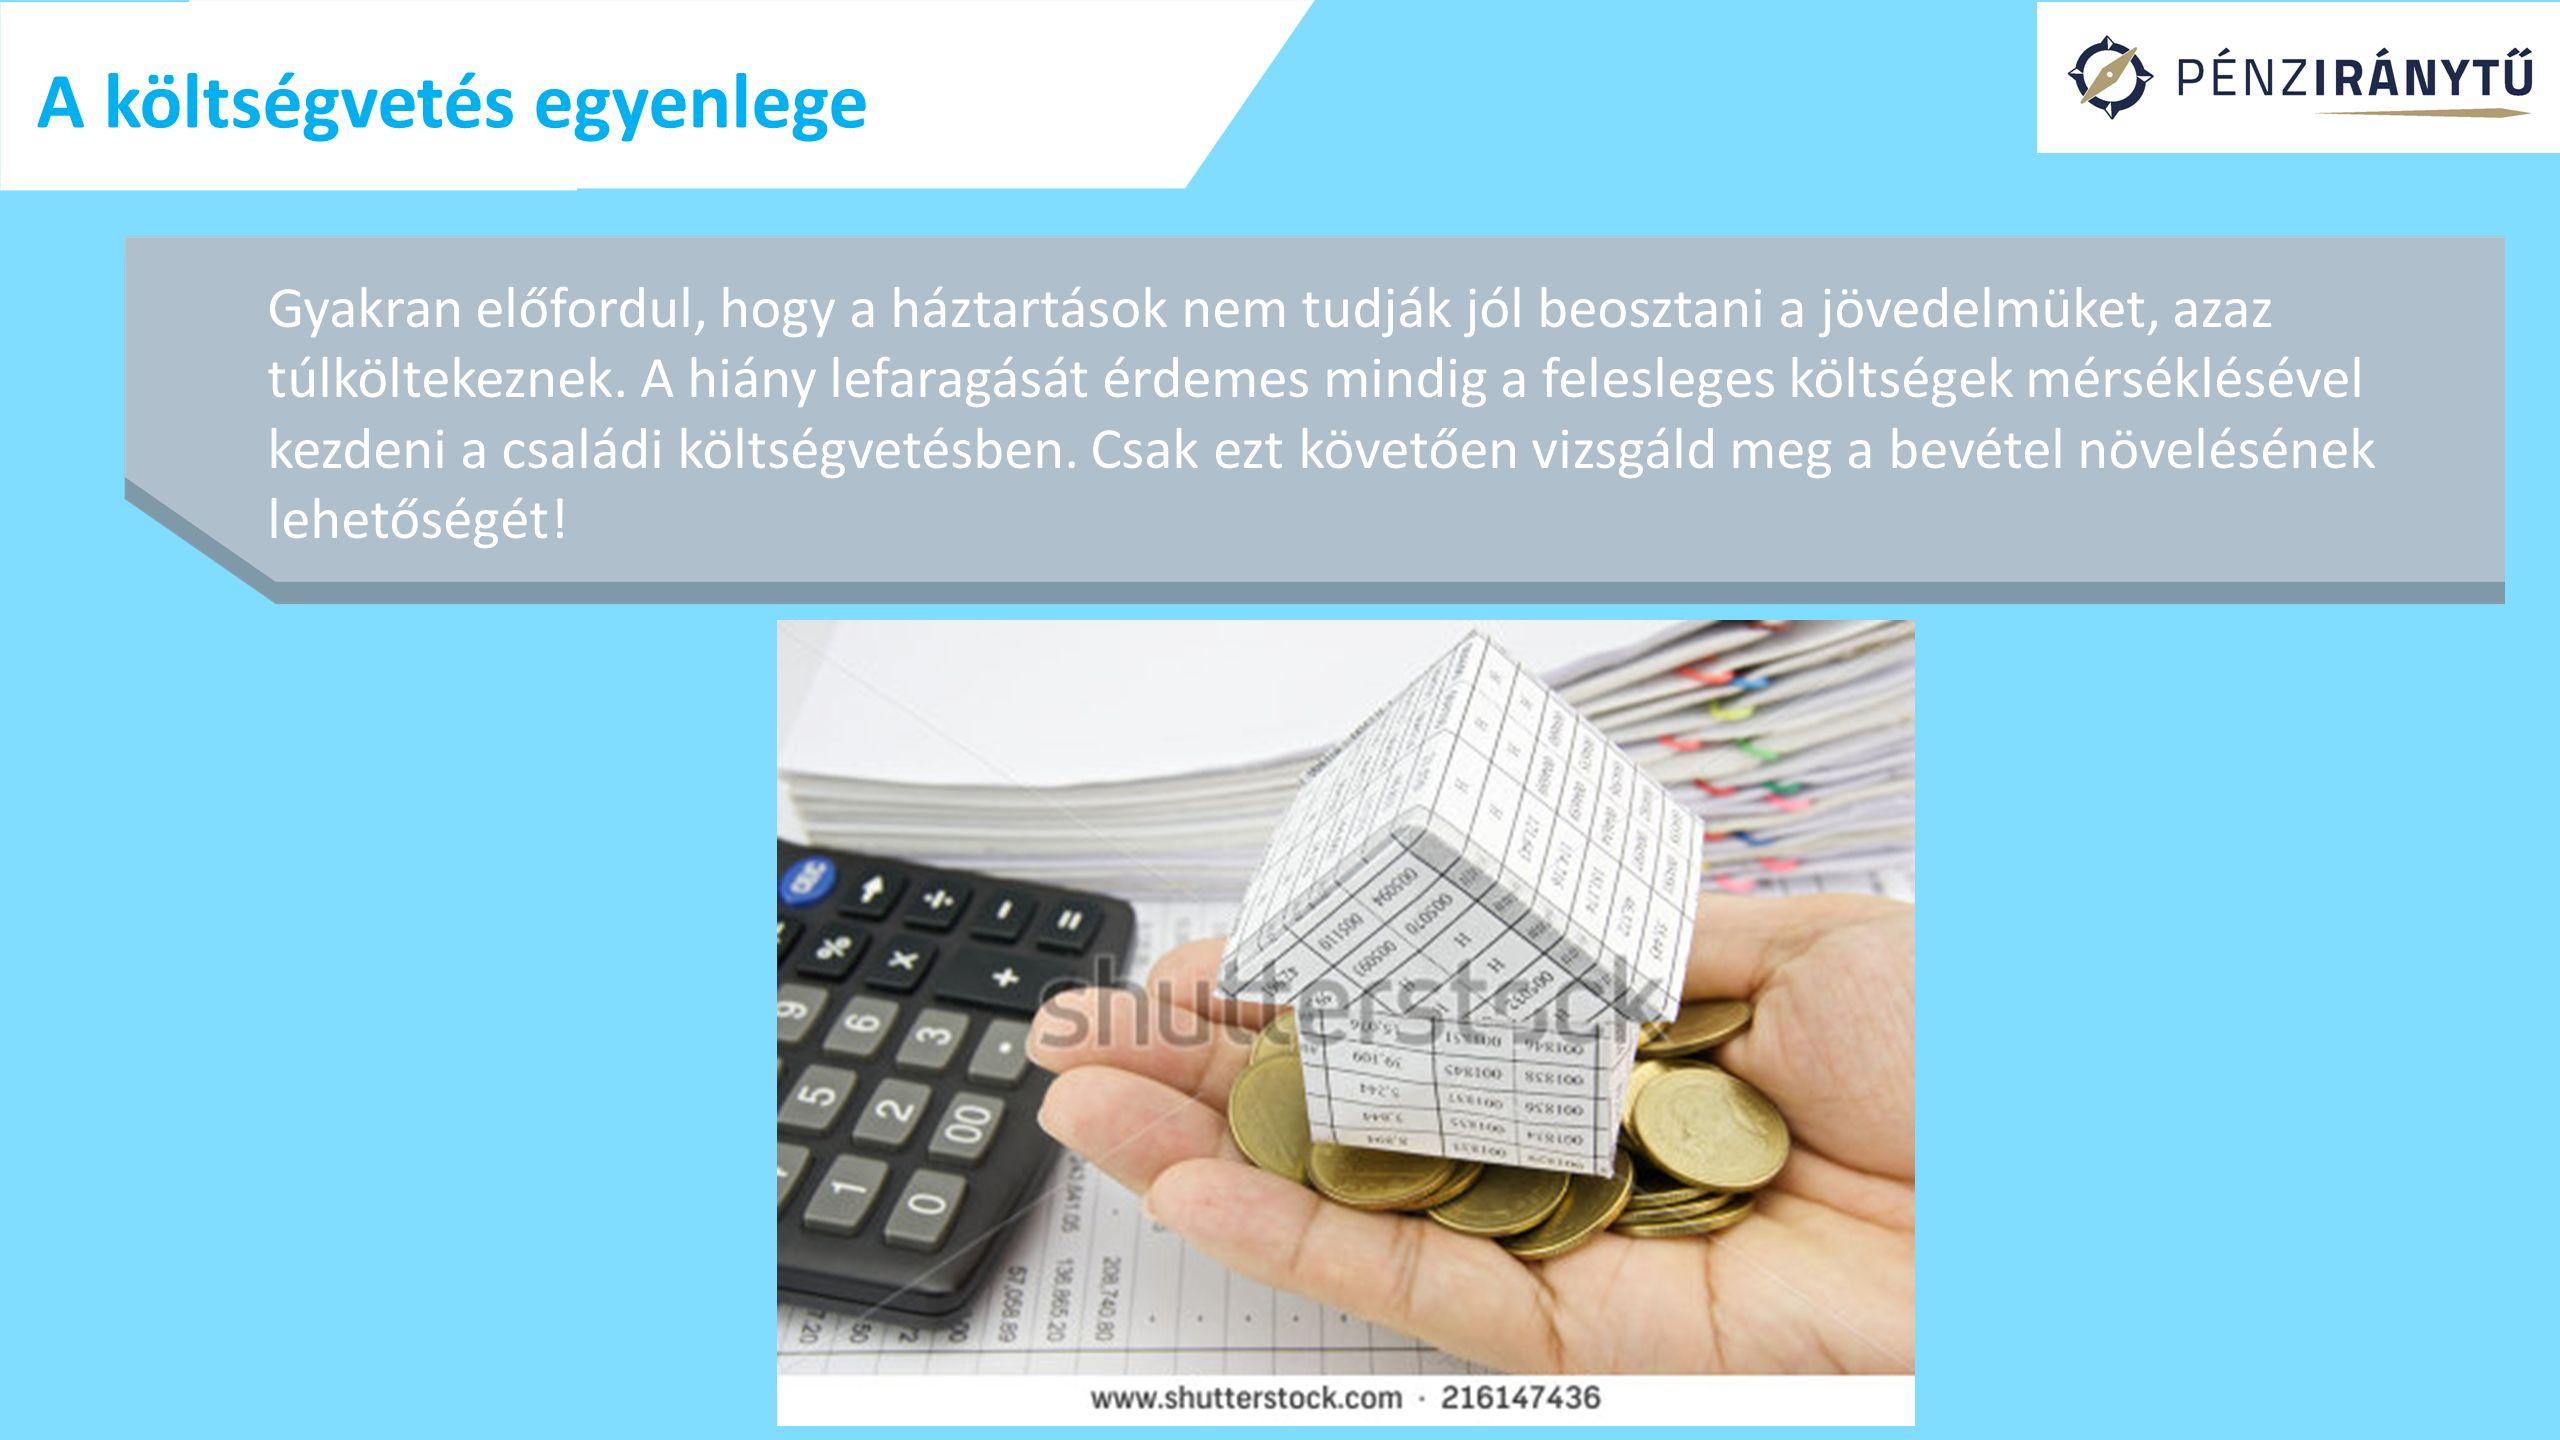 A költségvetés egyenlege